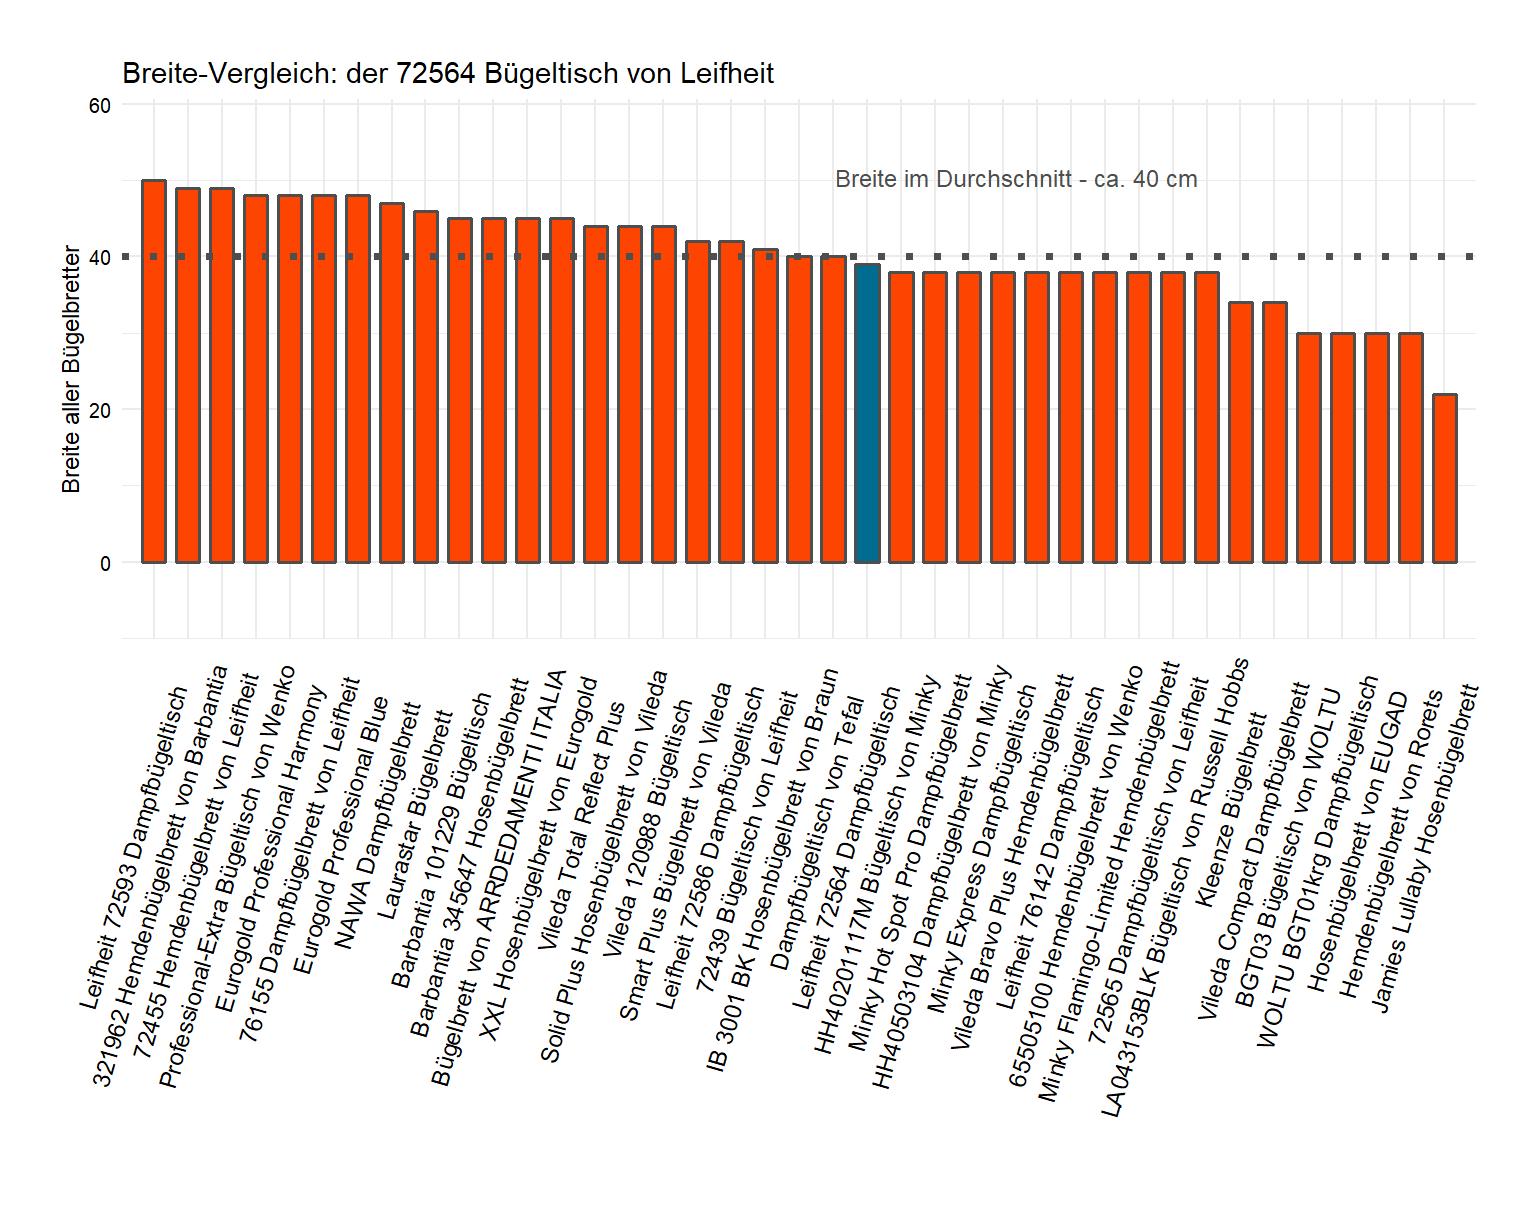 Breite-Vergleich von dem Leifheit Dampfbügelbrett 72564